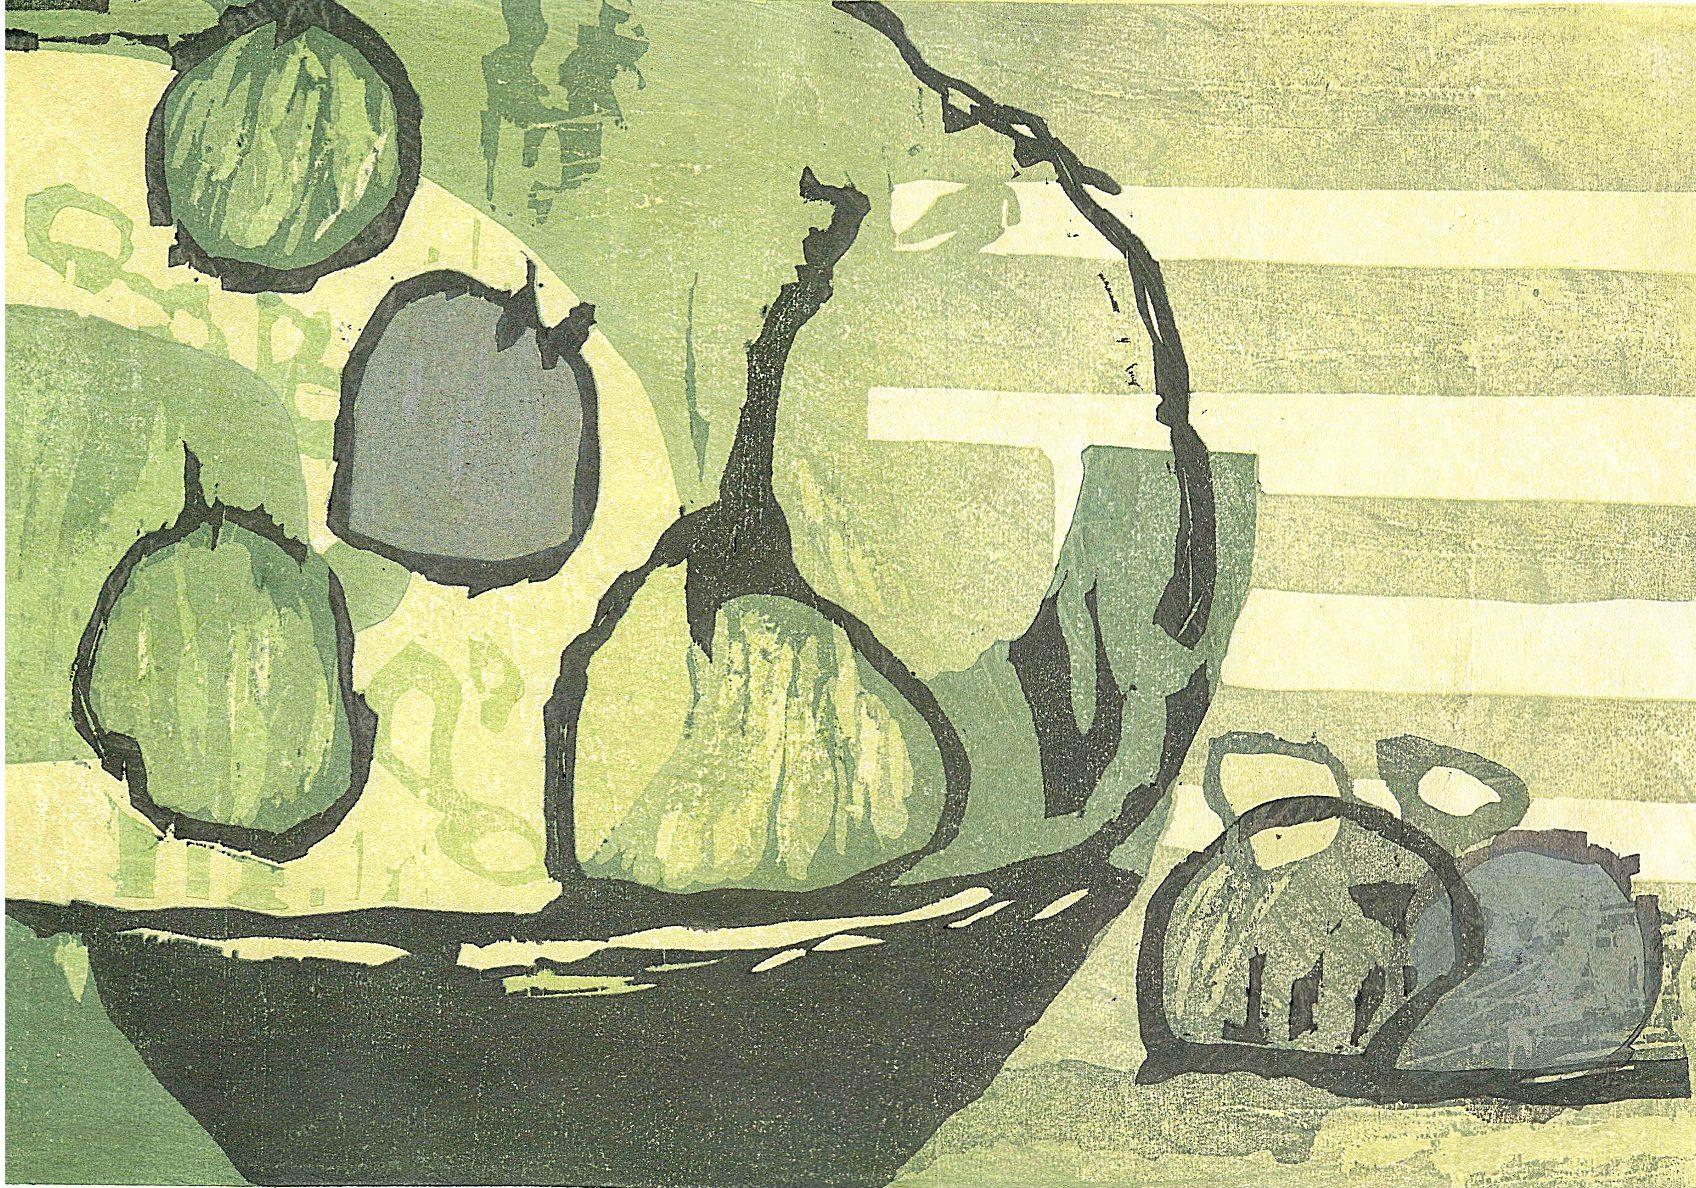 Gravure sur bois poire et citron vert sur Awagami Okawara Select 51gsm, édition de 12